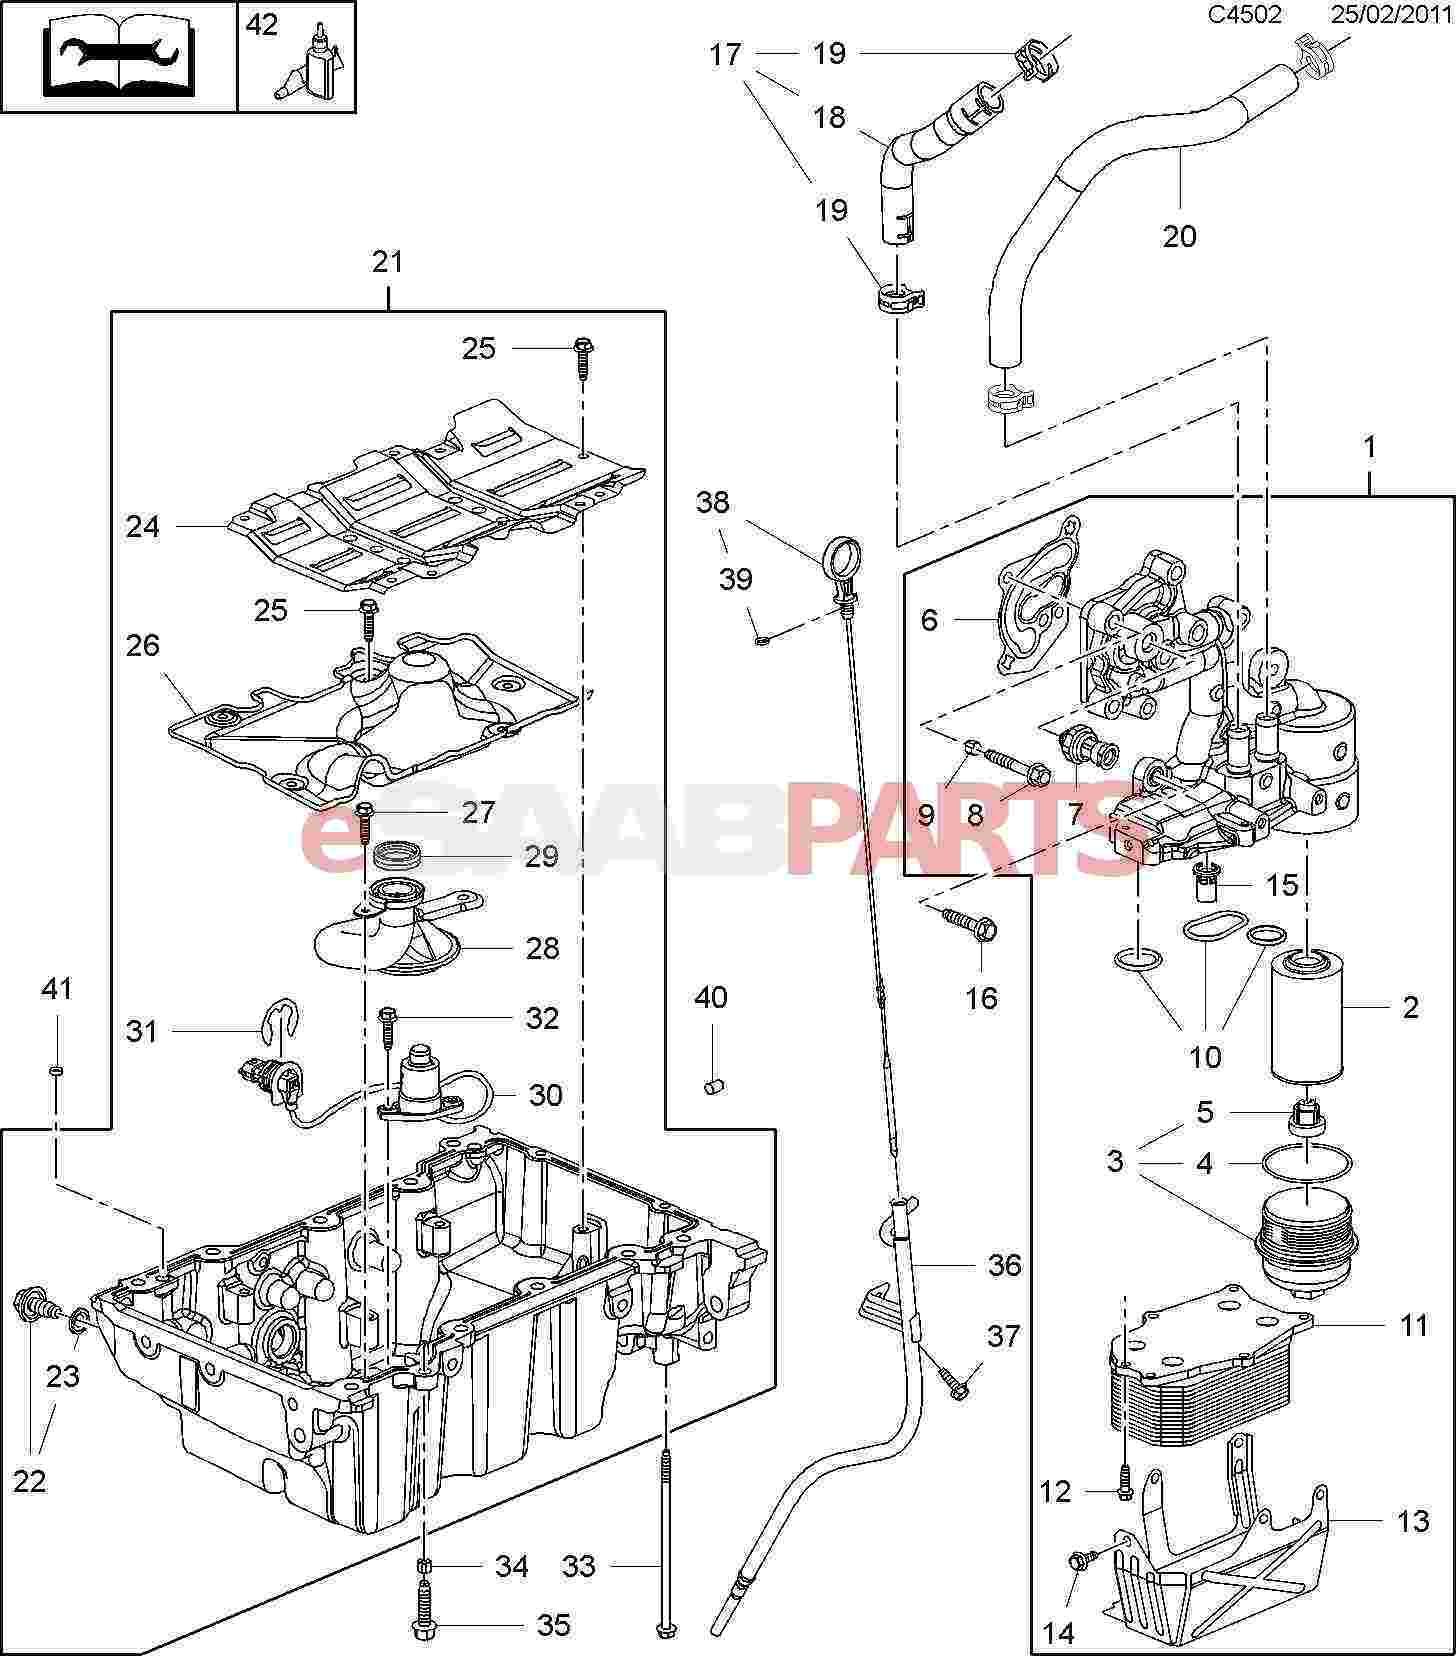 hight resolution of 11562588 saab oil drain plug genuine saab parts from esaabparts com saab oil diagram